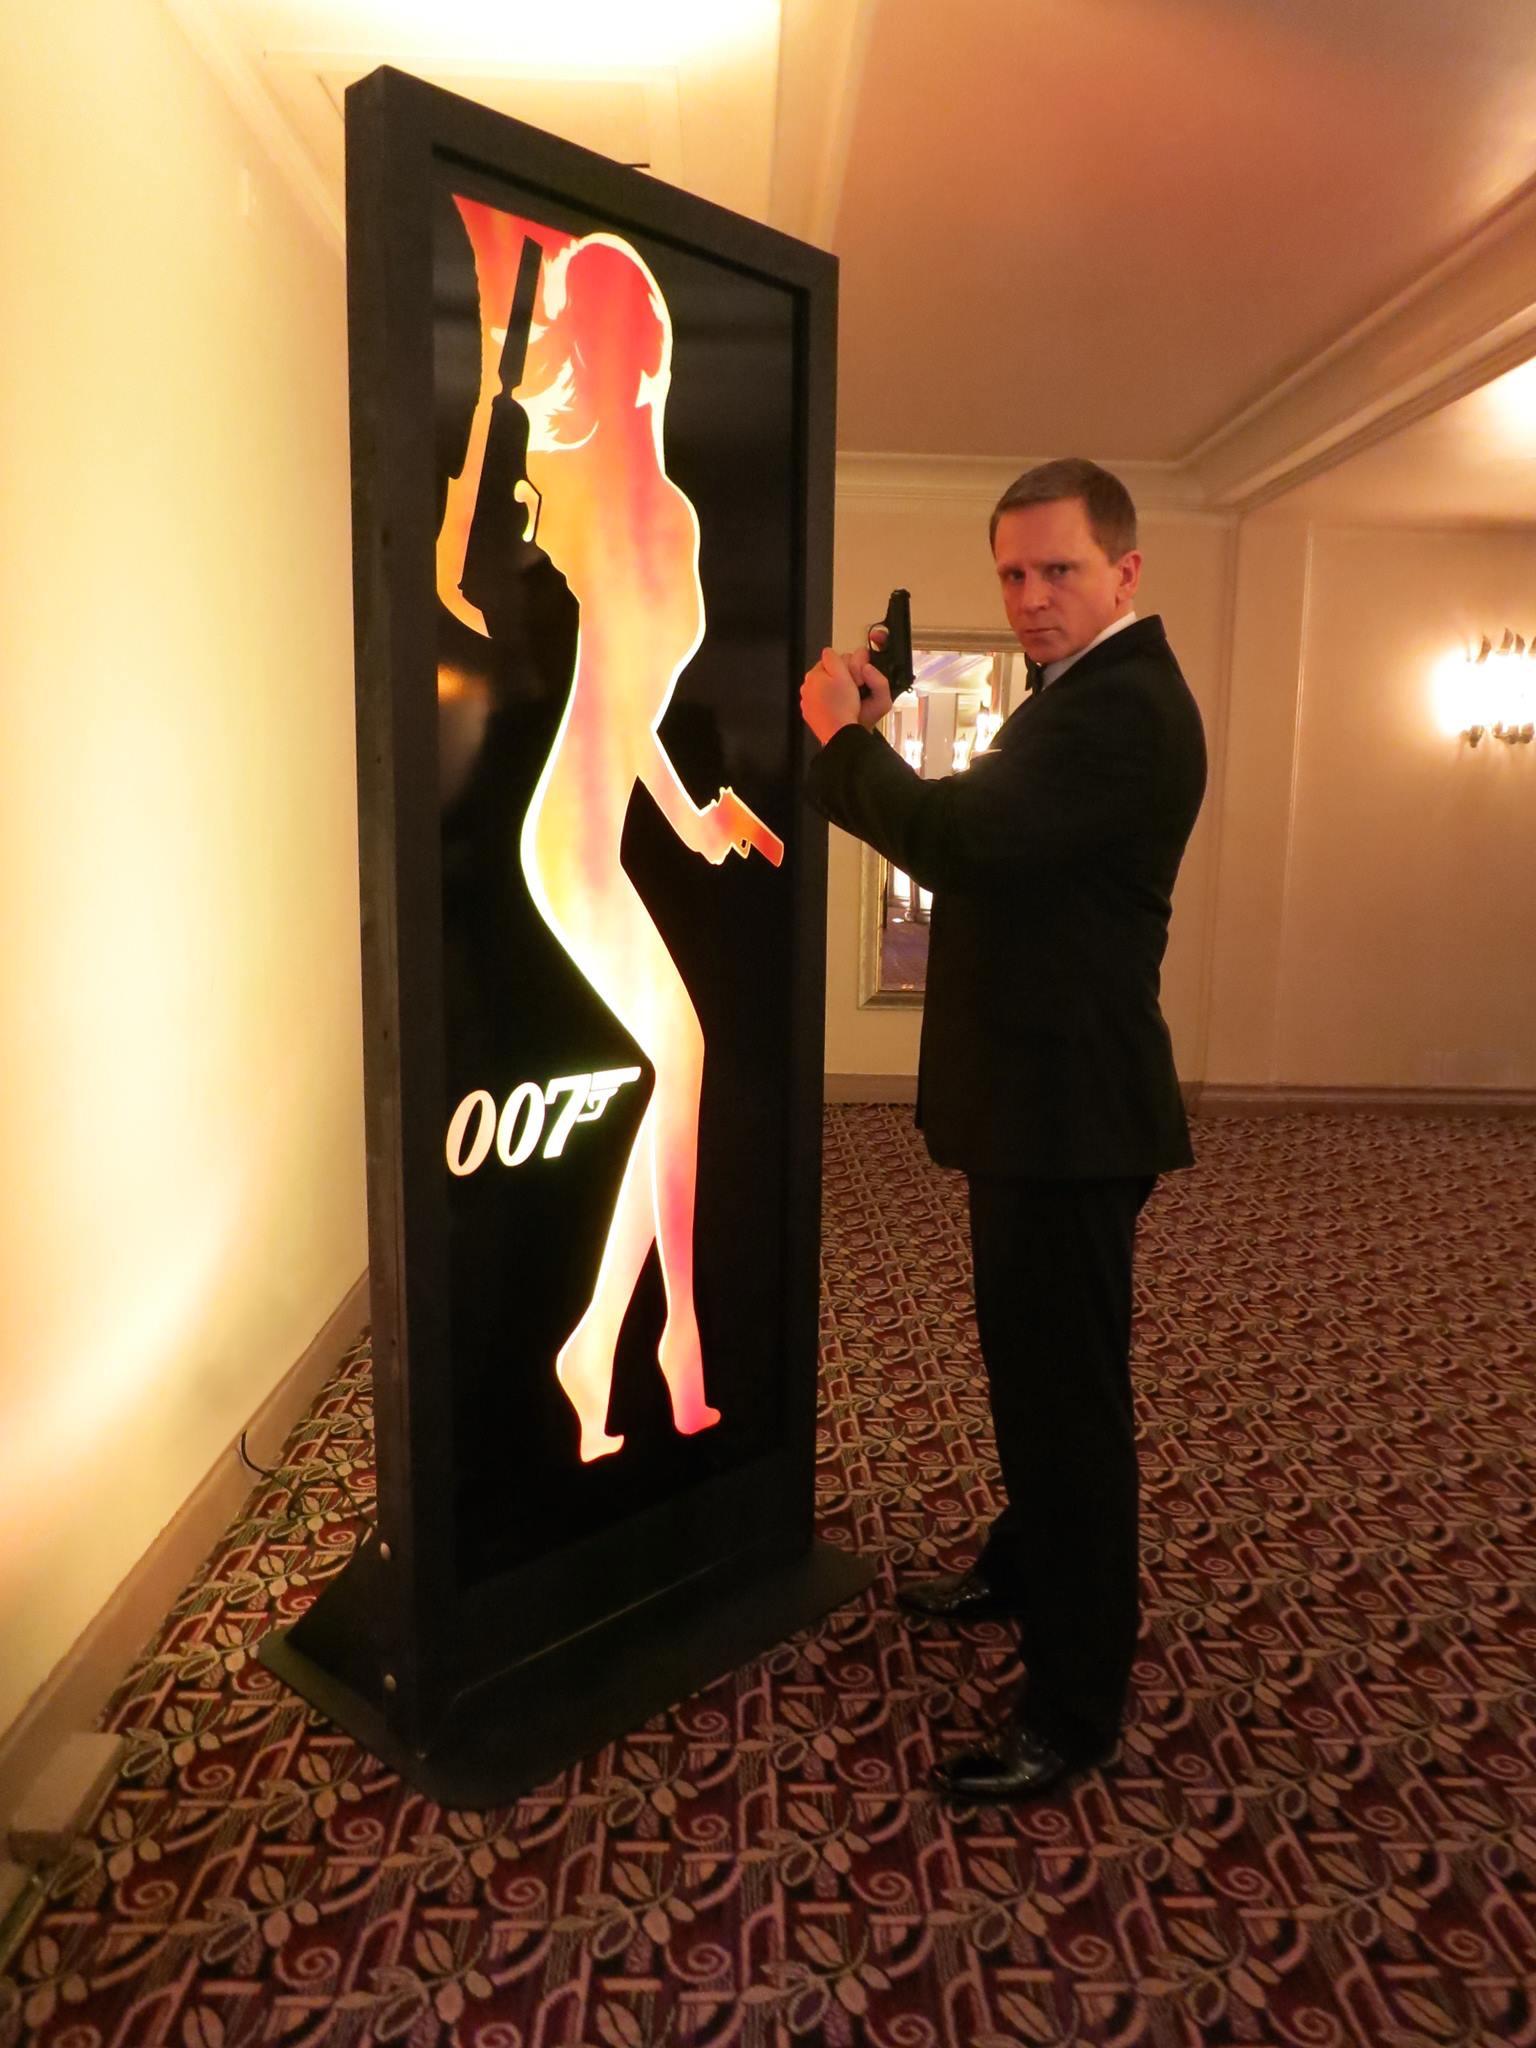 007 Flame Girl